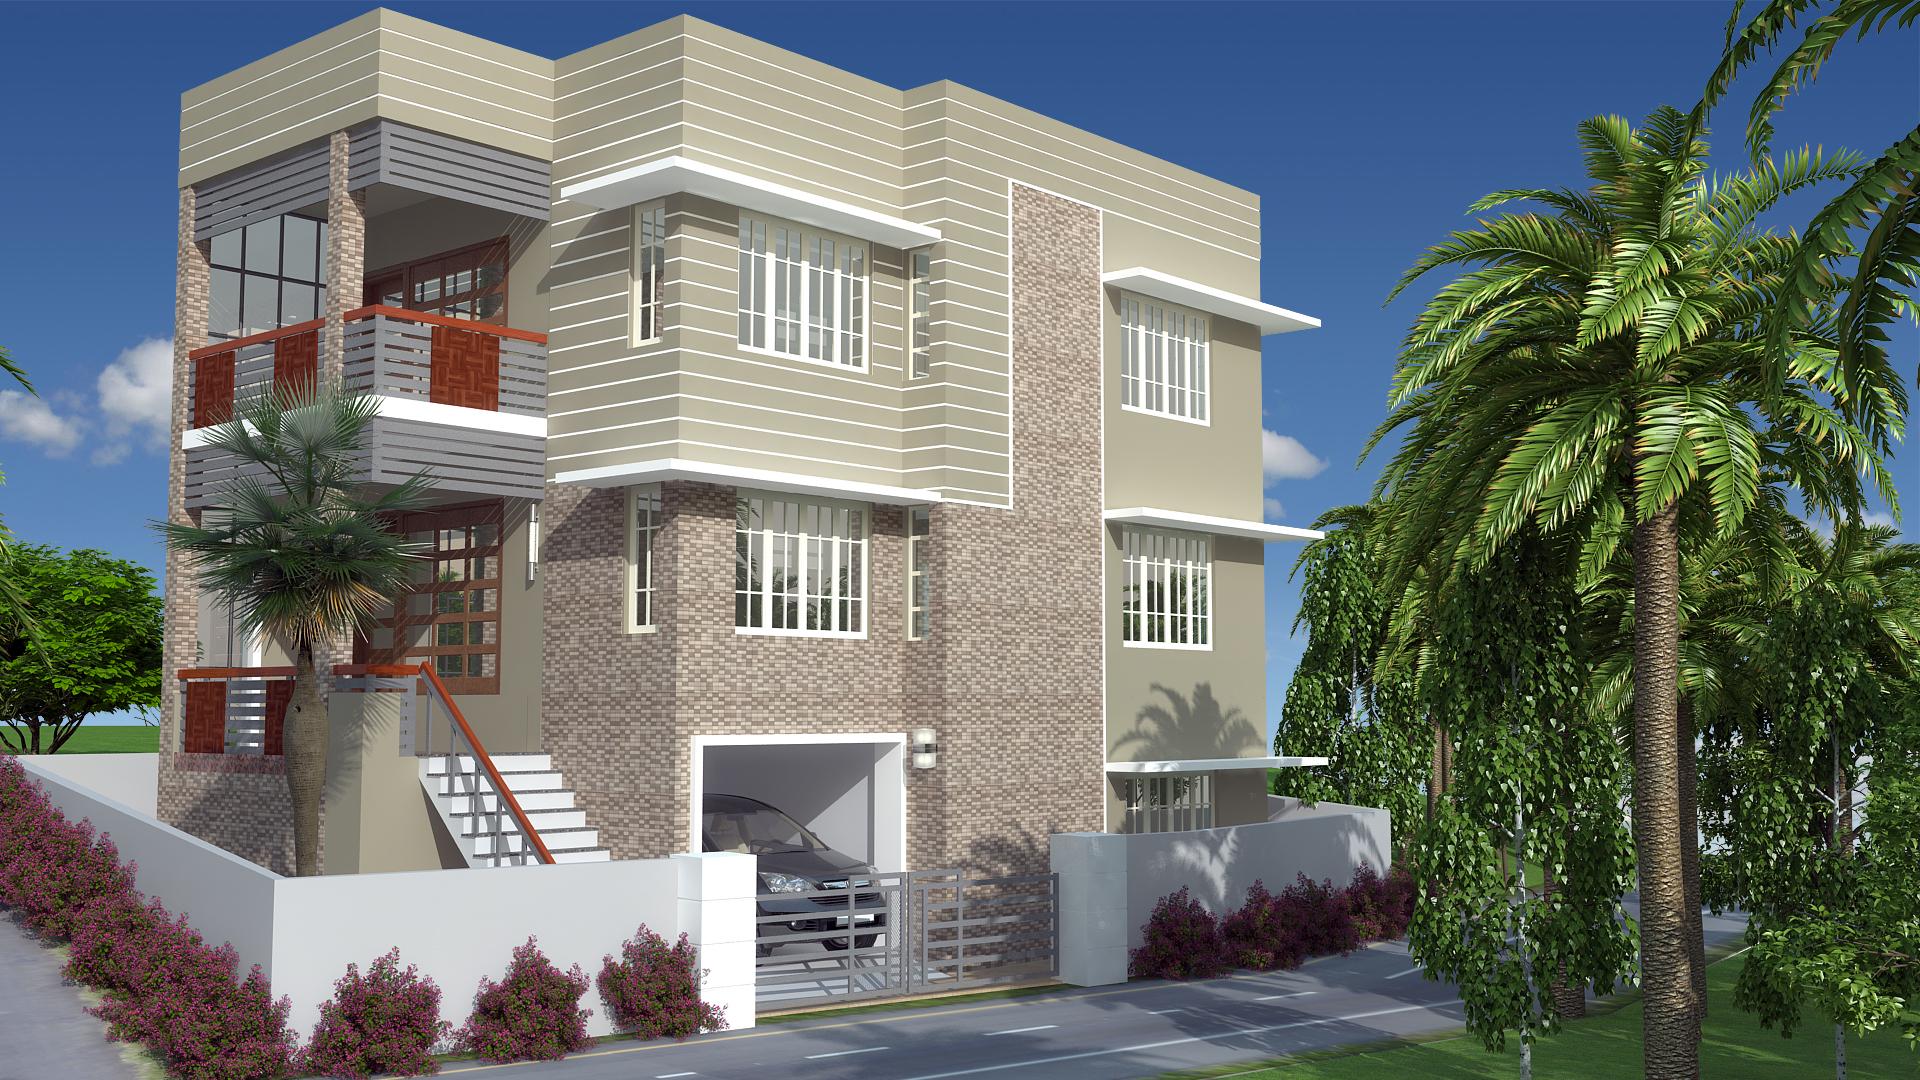 DK house01